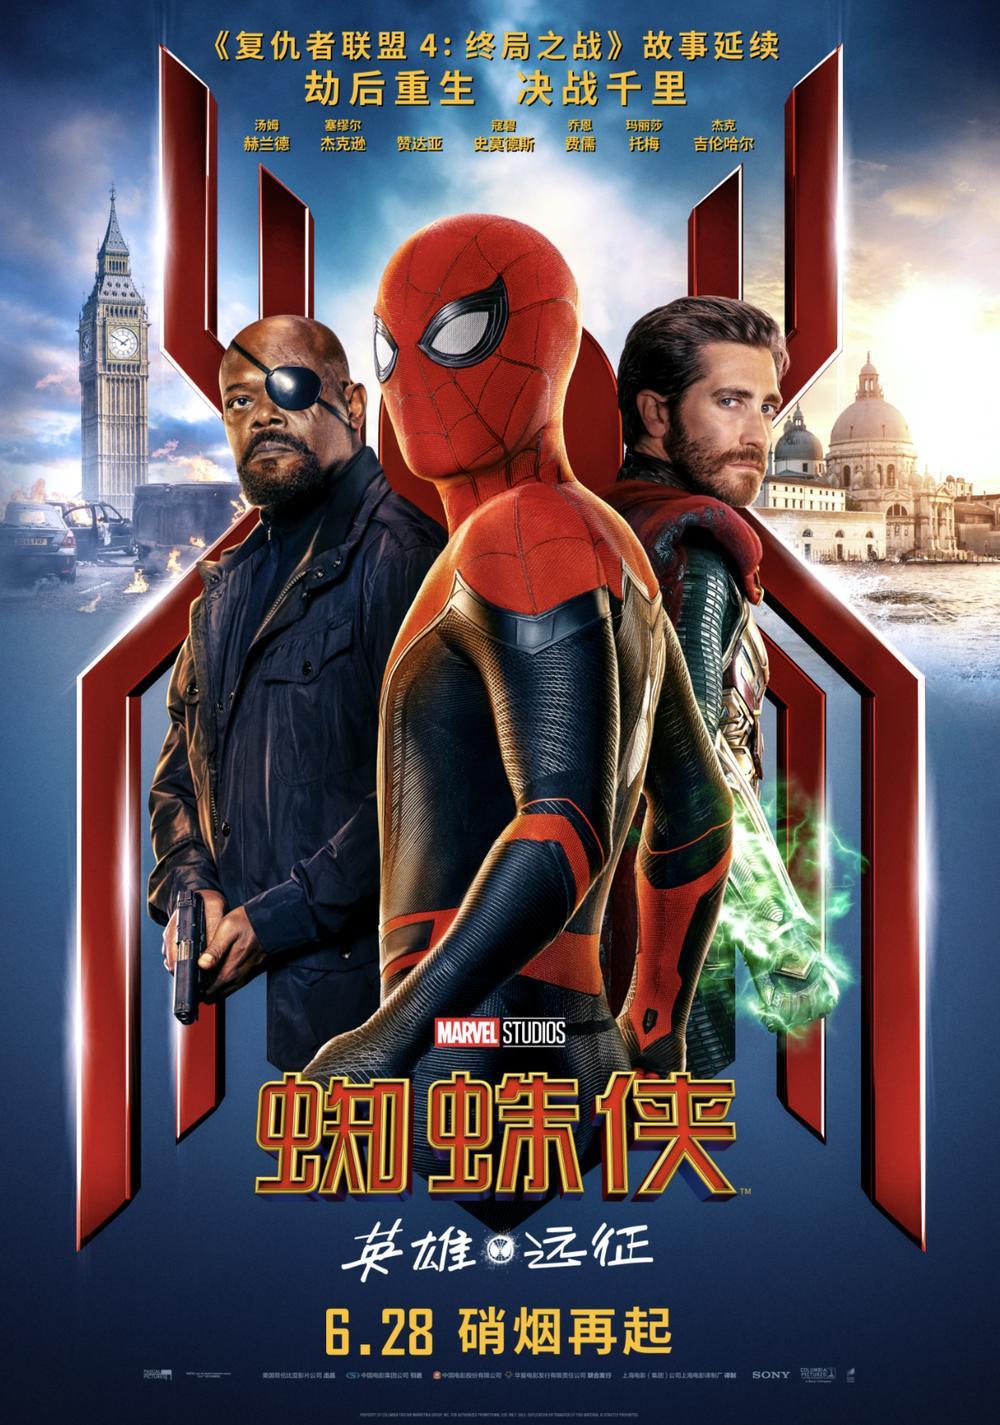 《蜘蛛侠:英雄远征》宣布定档6.28 领跑暑期档